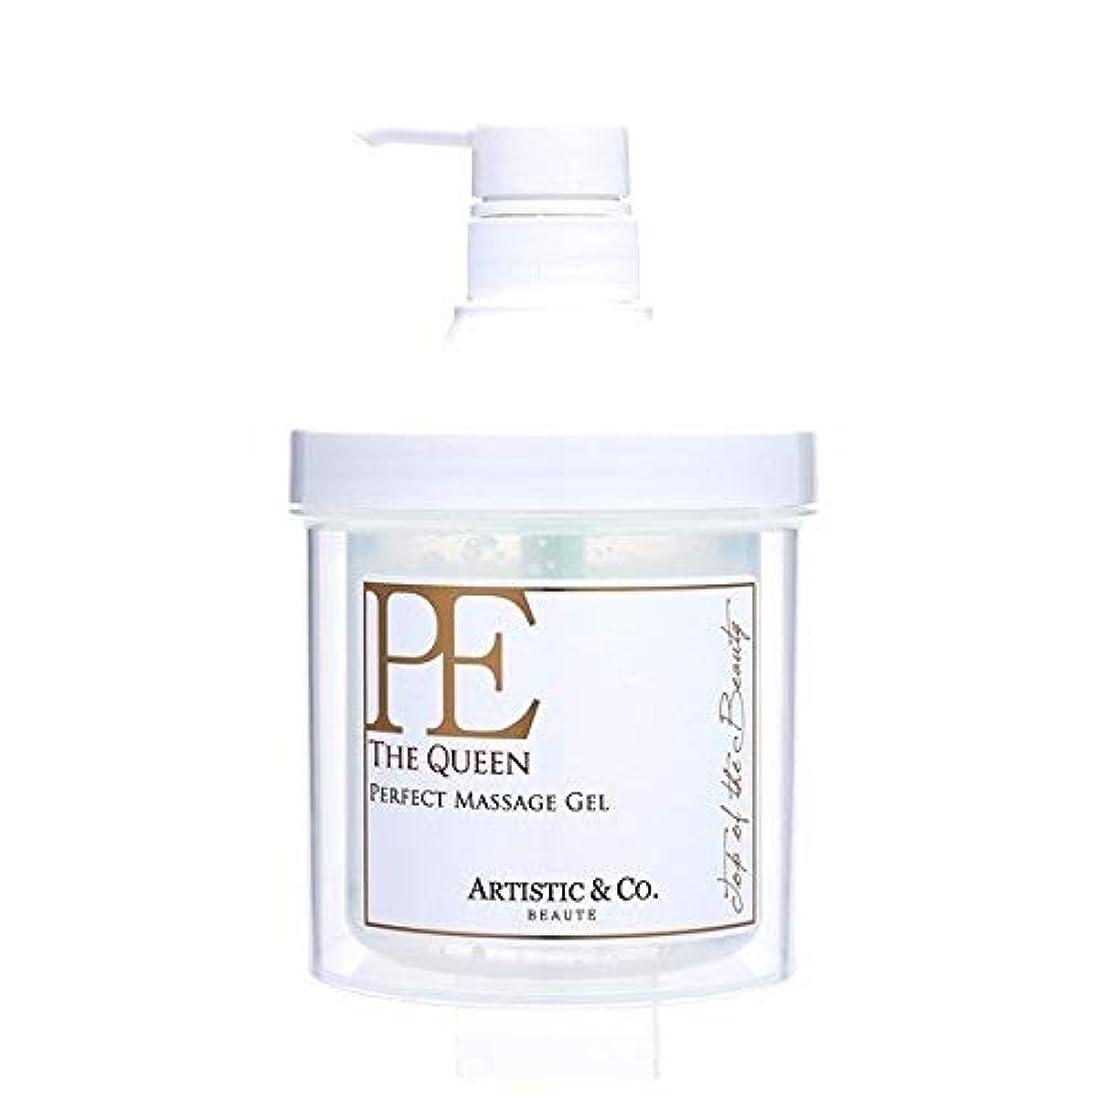 構成するレザー口径Dr. Arrivo(アリーヴォ)シリーズ専用美容液 PE THE QUEEN PERFECT MASSAGE GEL P.Eザクイーン パーフェクト マッサージジェル 500g